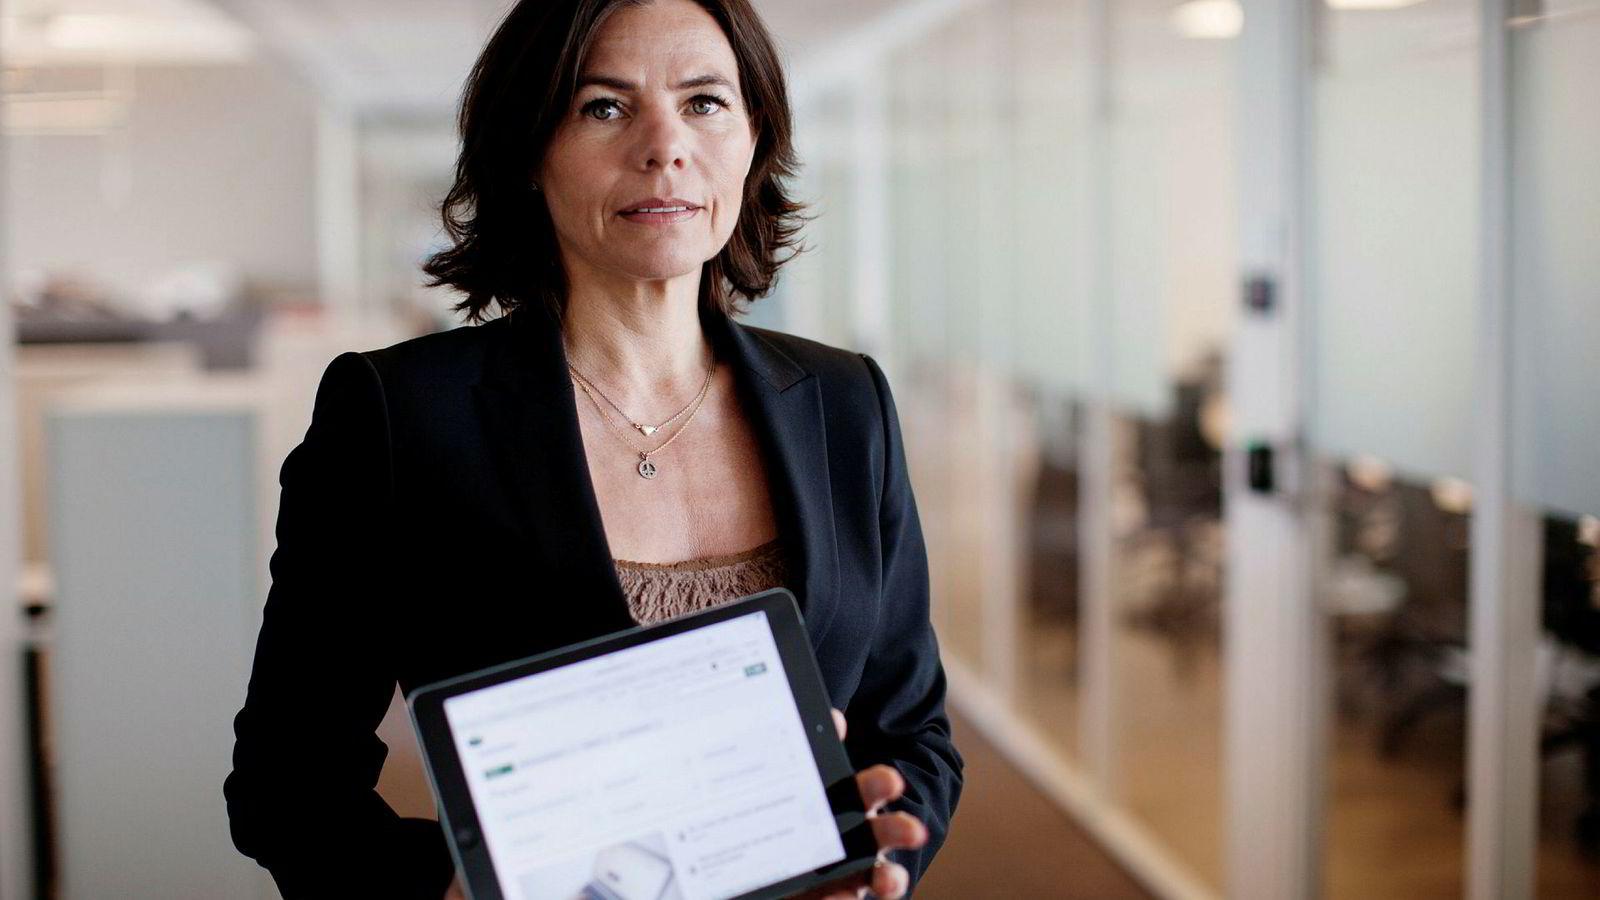 – Vi har gjort en feil i selve uttrekket av data slik at vi ikke fikk med oss de aksjer som eies gjennom aksjesparekonto, sier kommunikasjonsdirektør Mariken Holter i Skatteetaten.